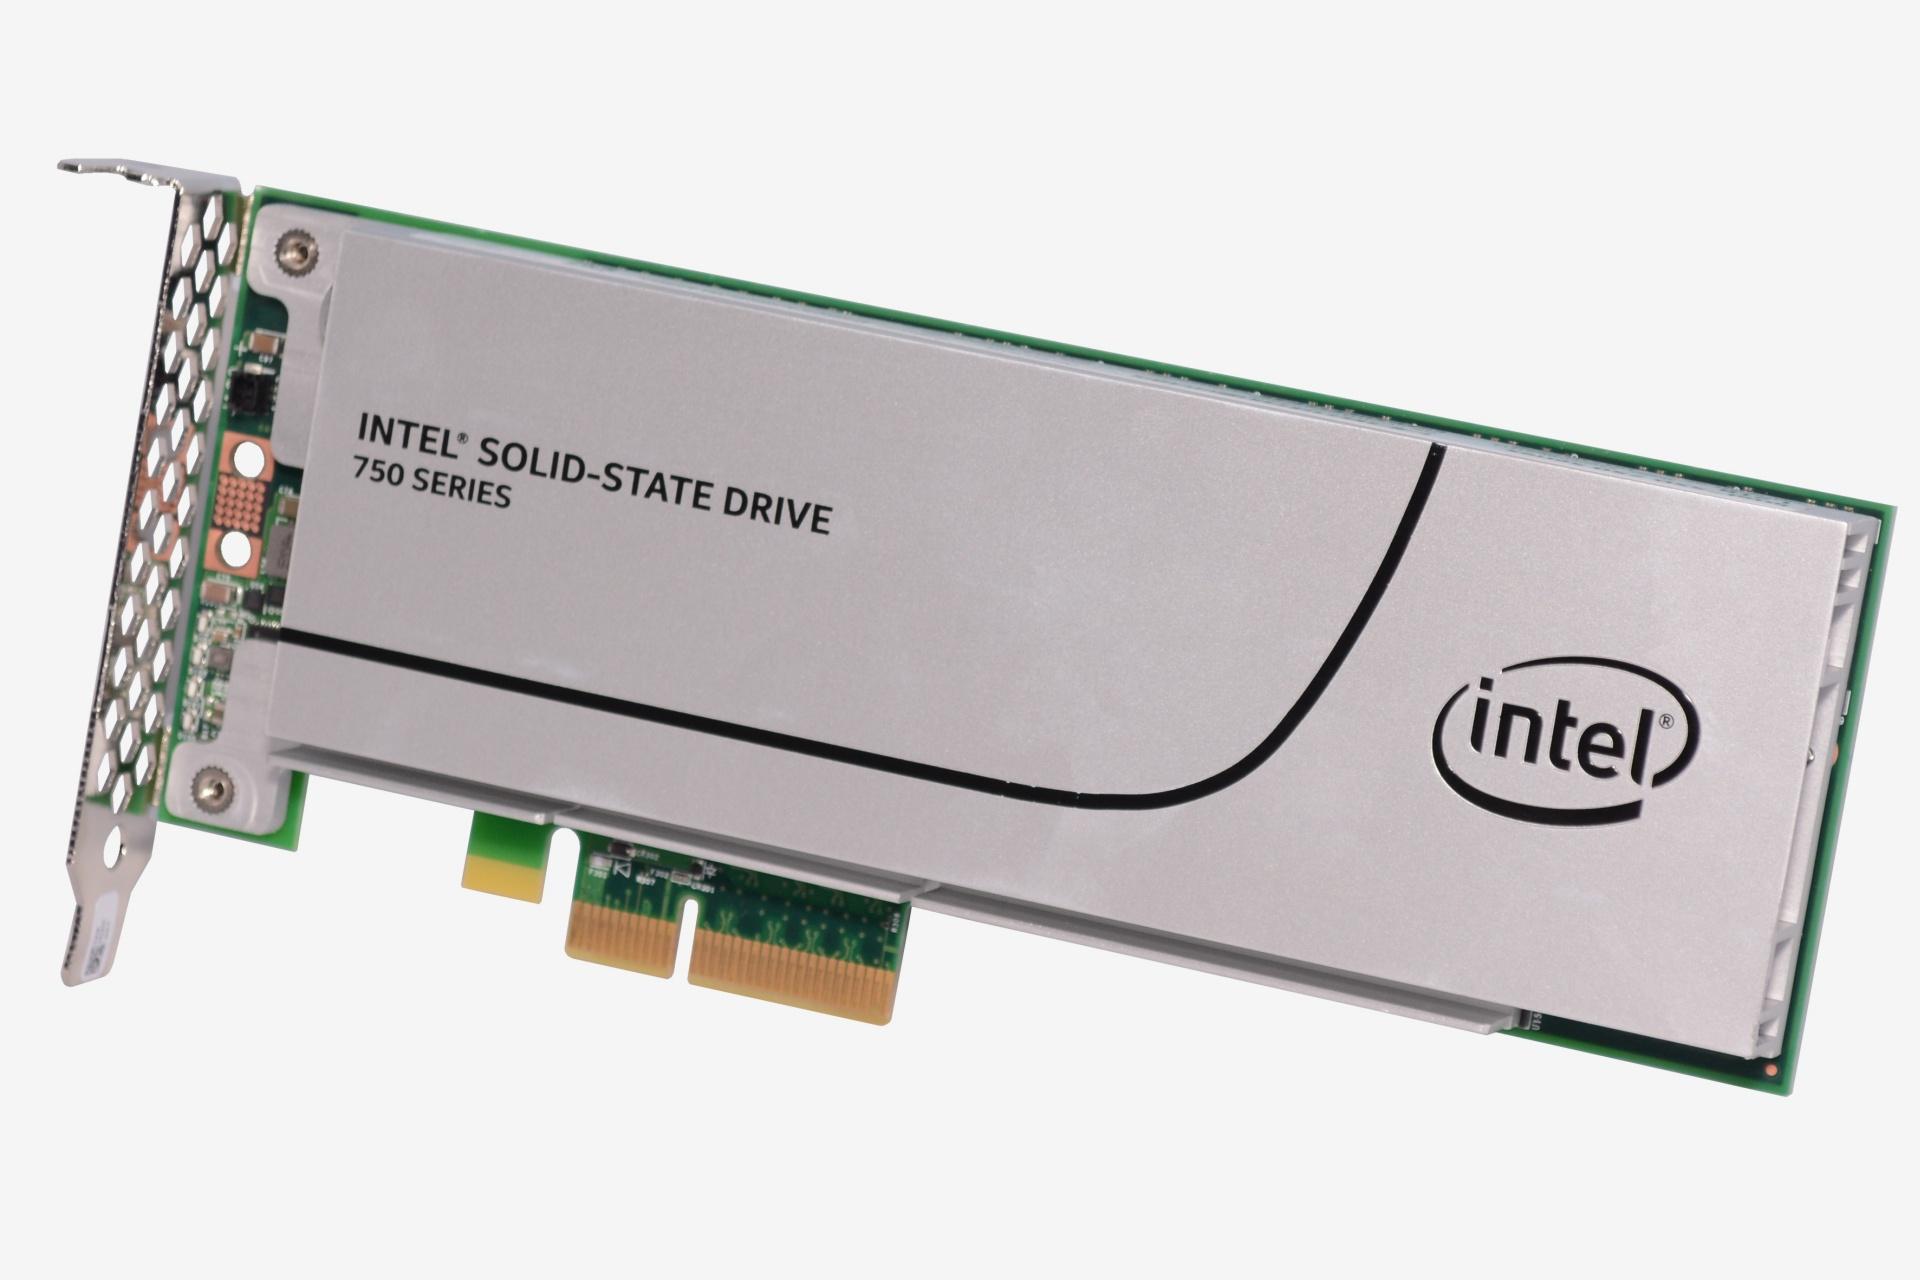 Intel Ssd 750 1.2tb Intel Ssd 750 Series 1.2tb